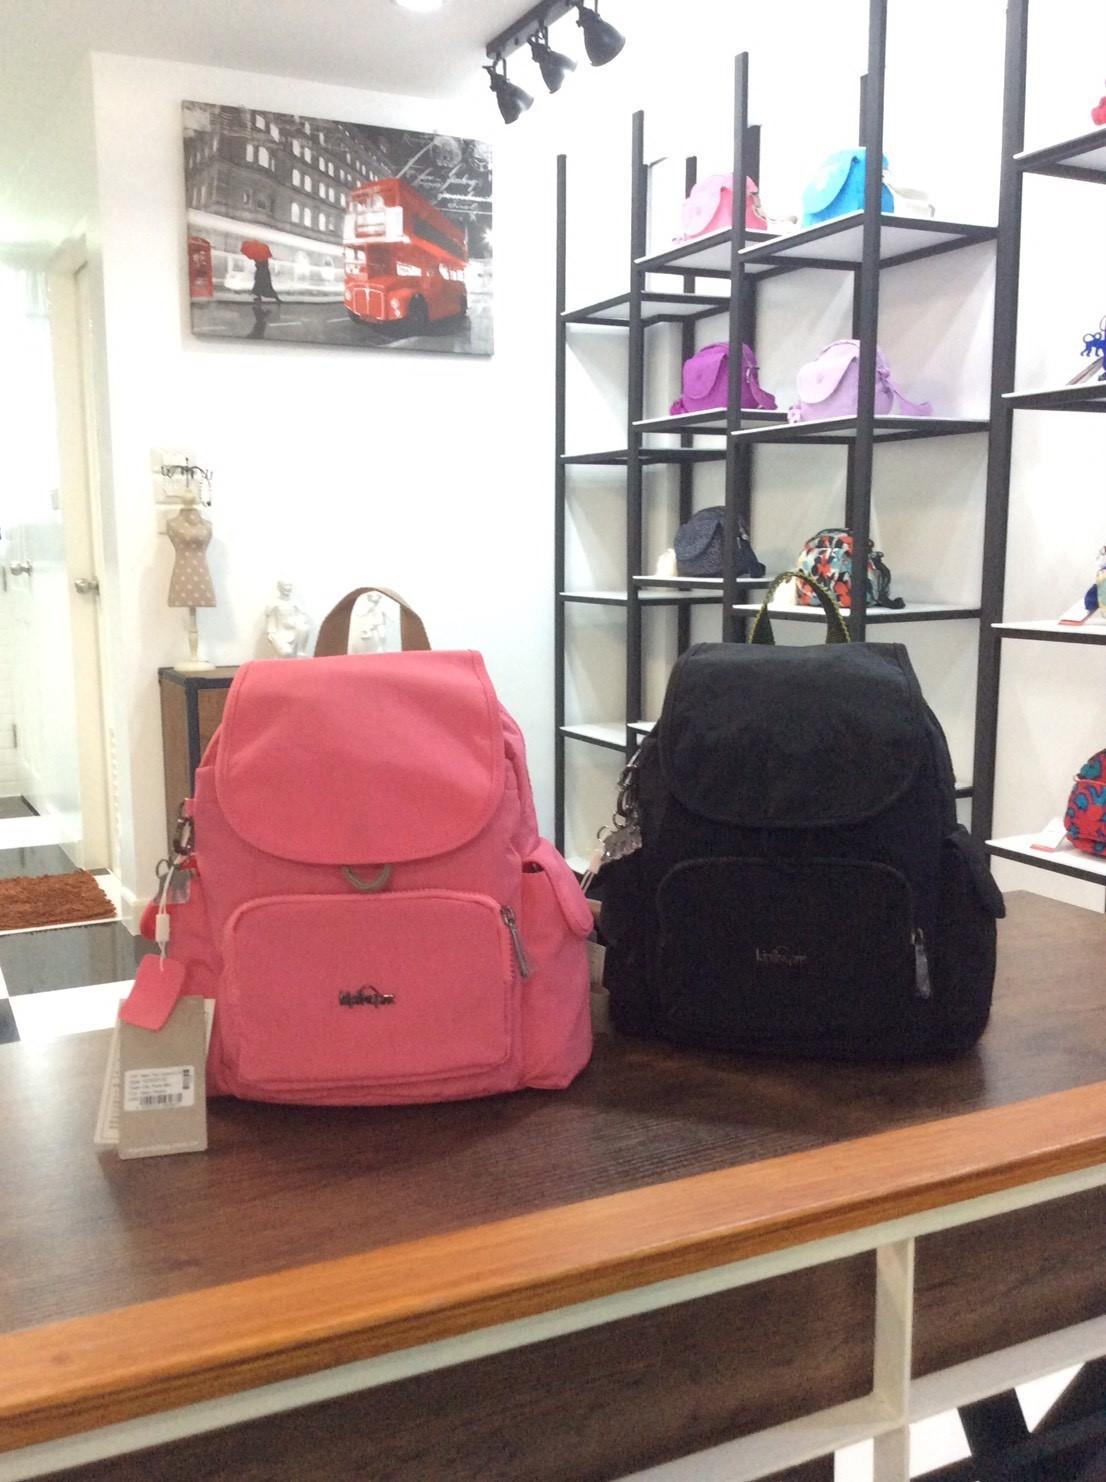 Kipling k23525 Casual Lightweight Backpack Outlet HK